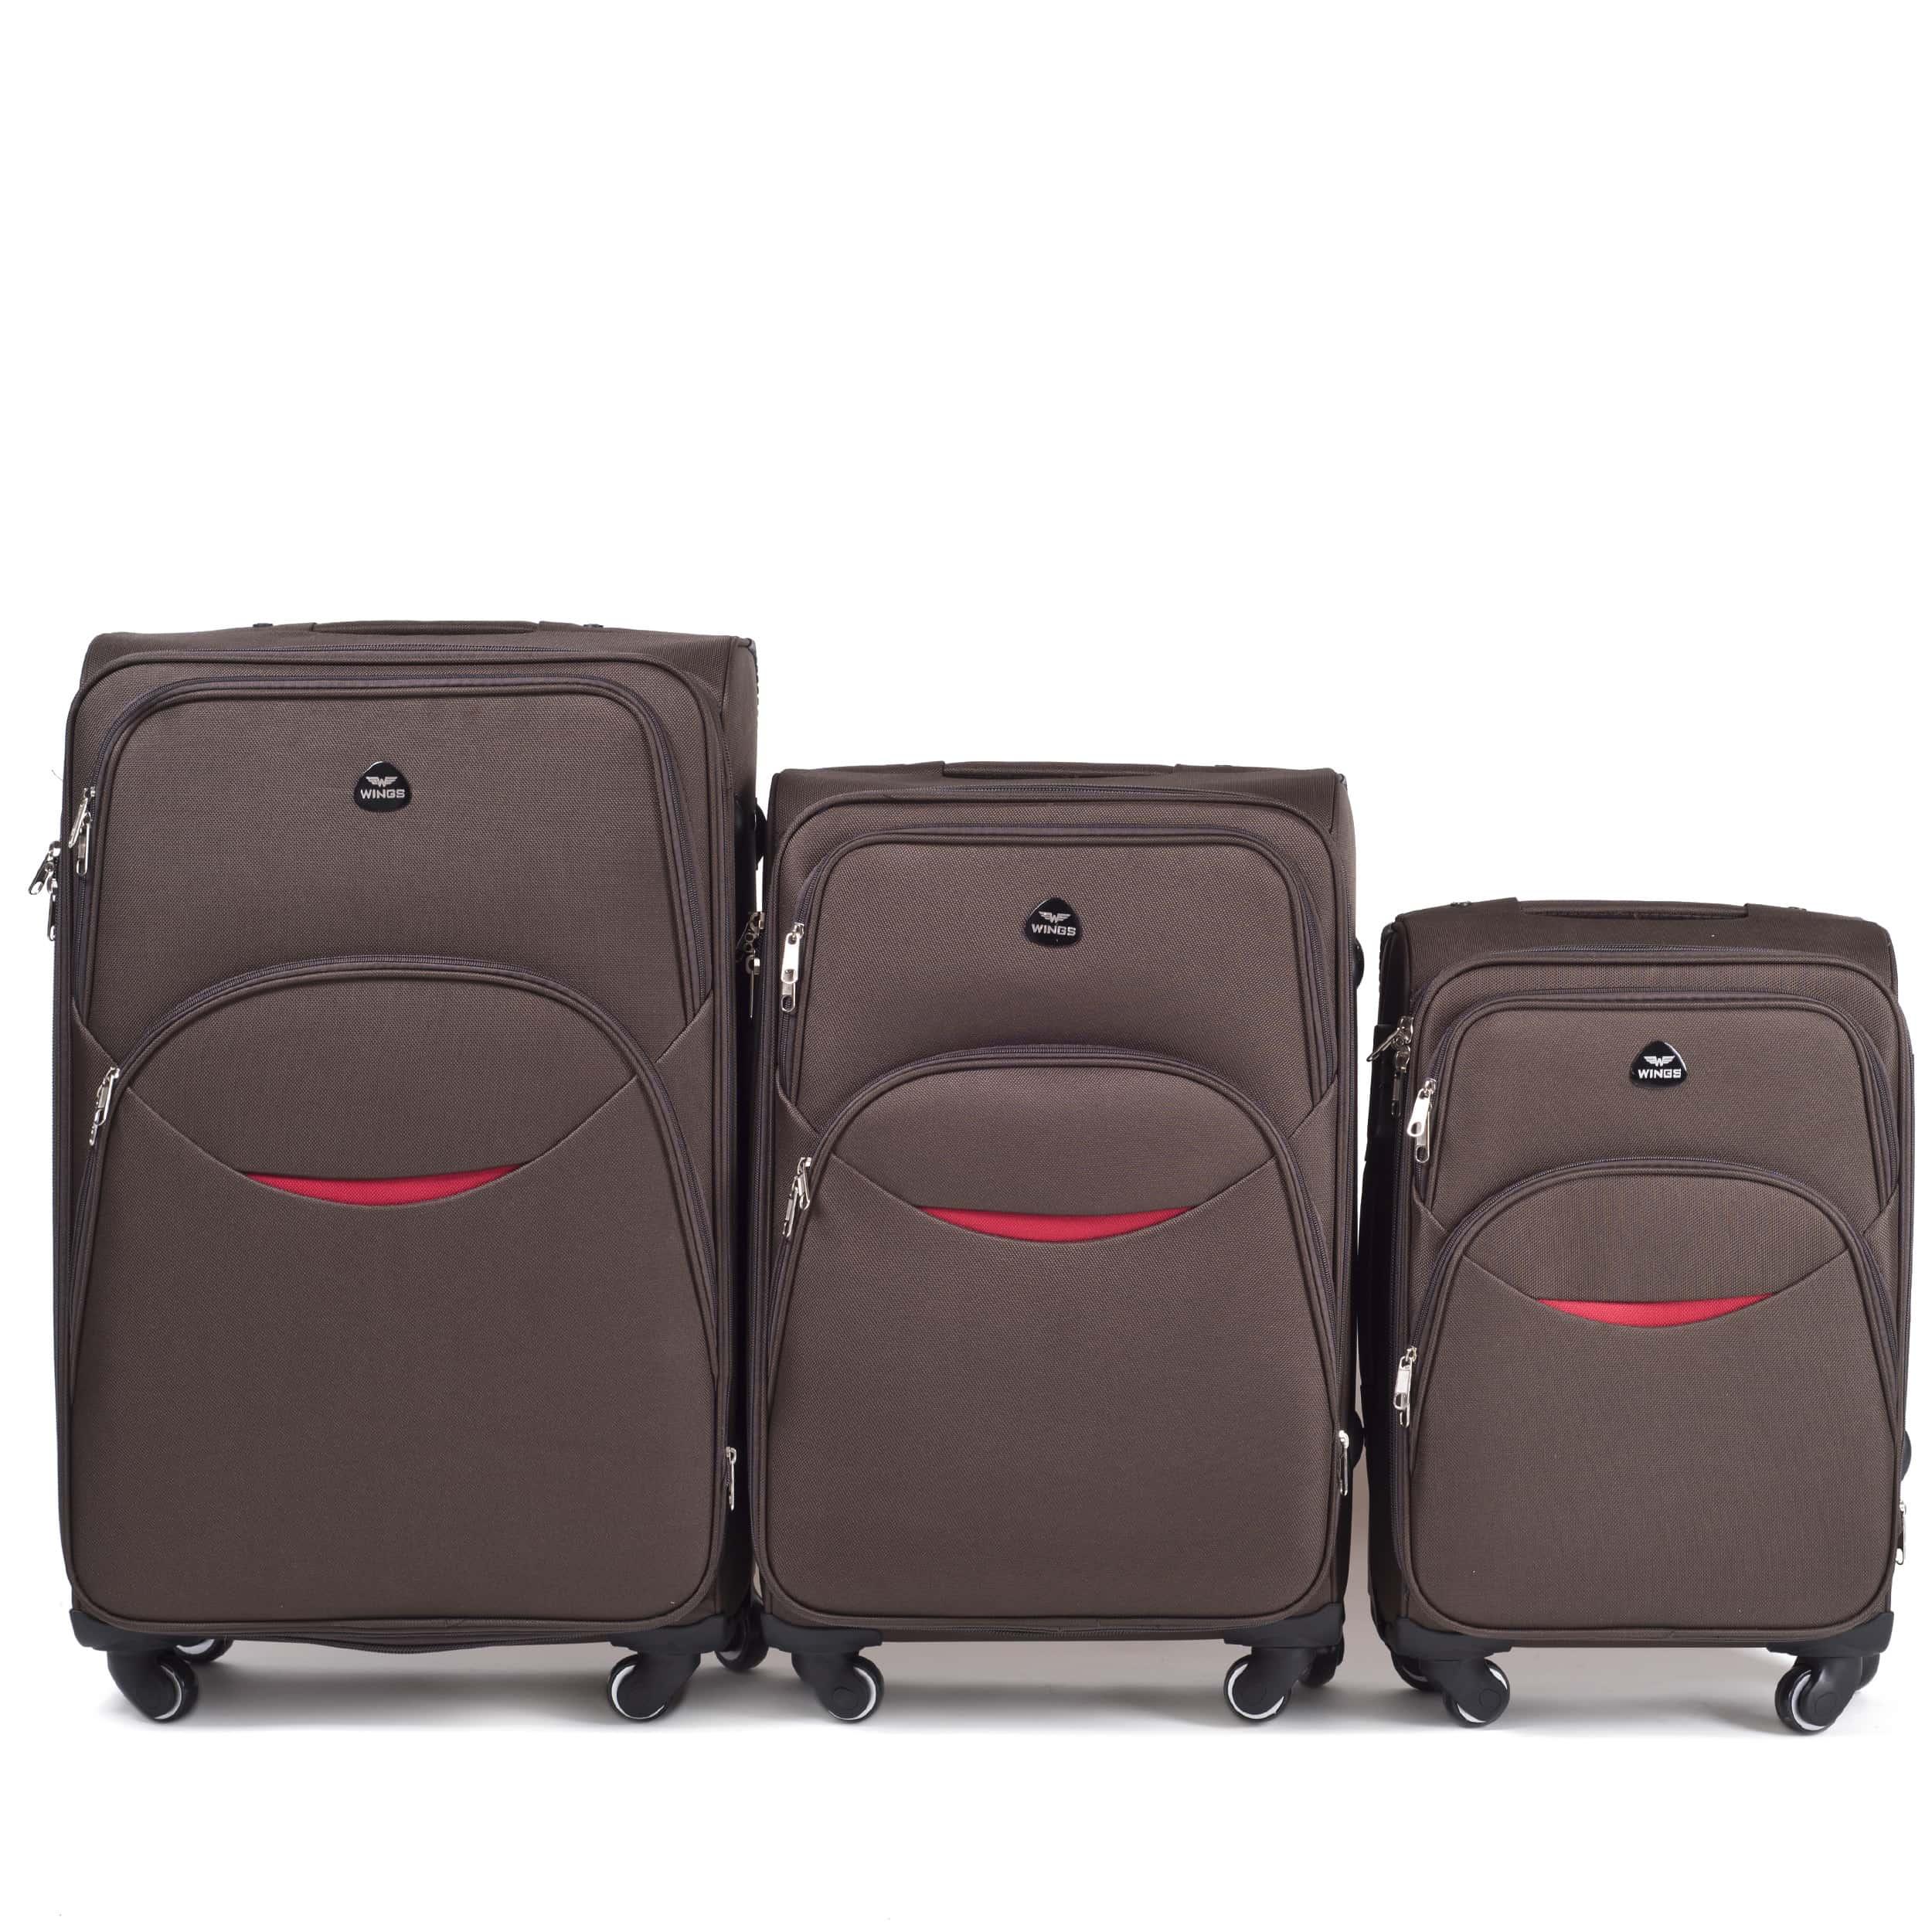 Комплект чемоданов из Ткани! ПОЛЬСКИЕ  Ударостойкиe ! 1708-4 DOUBLE COFFE